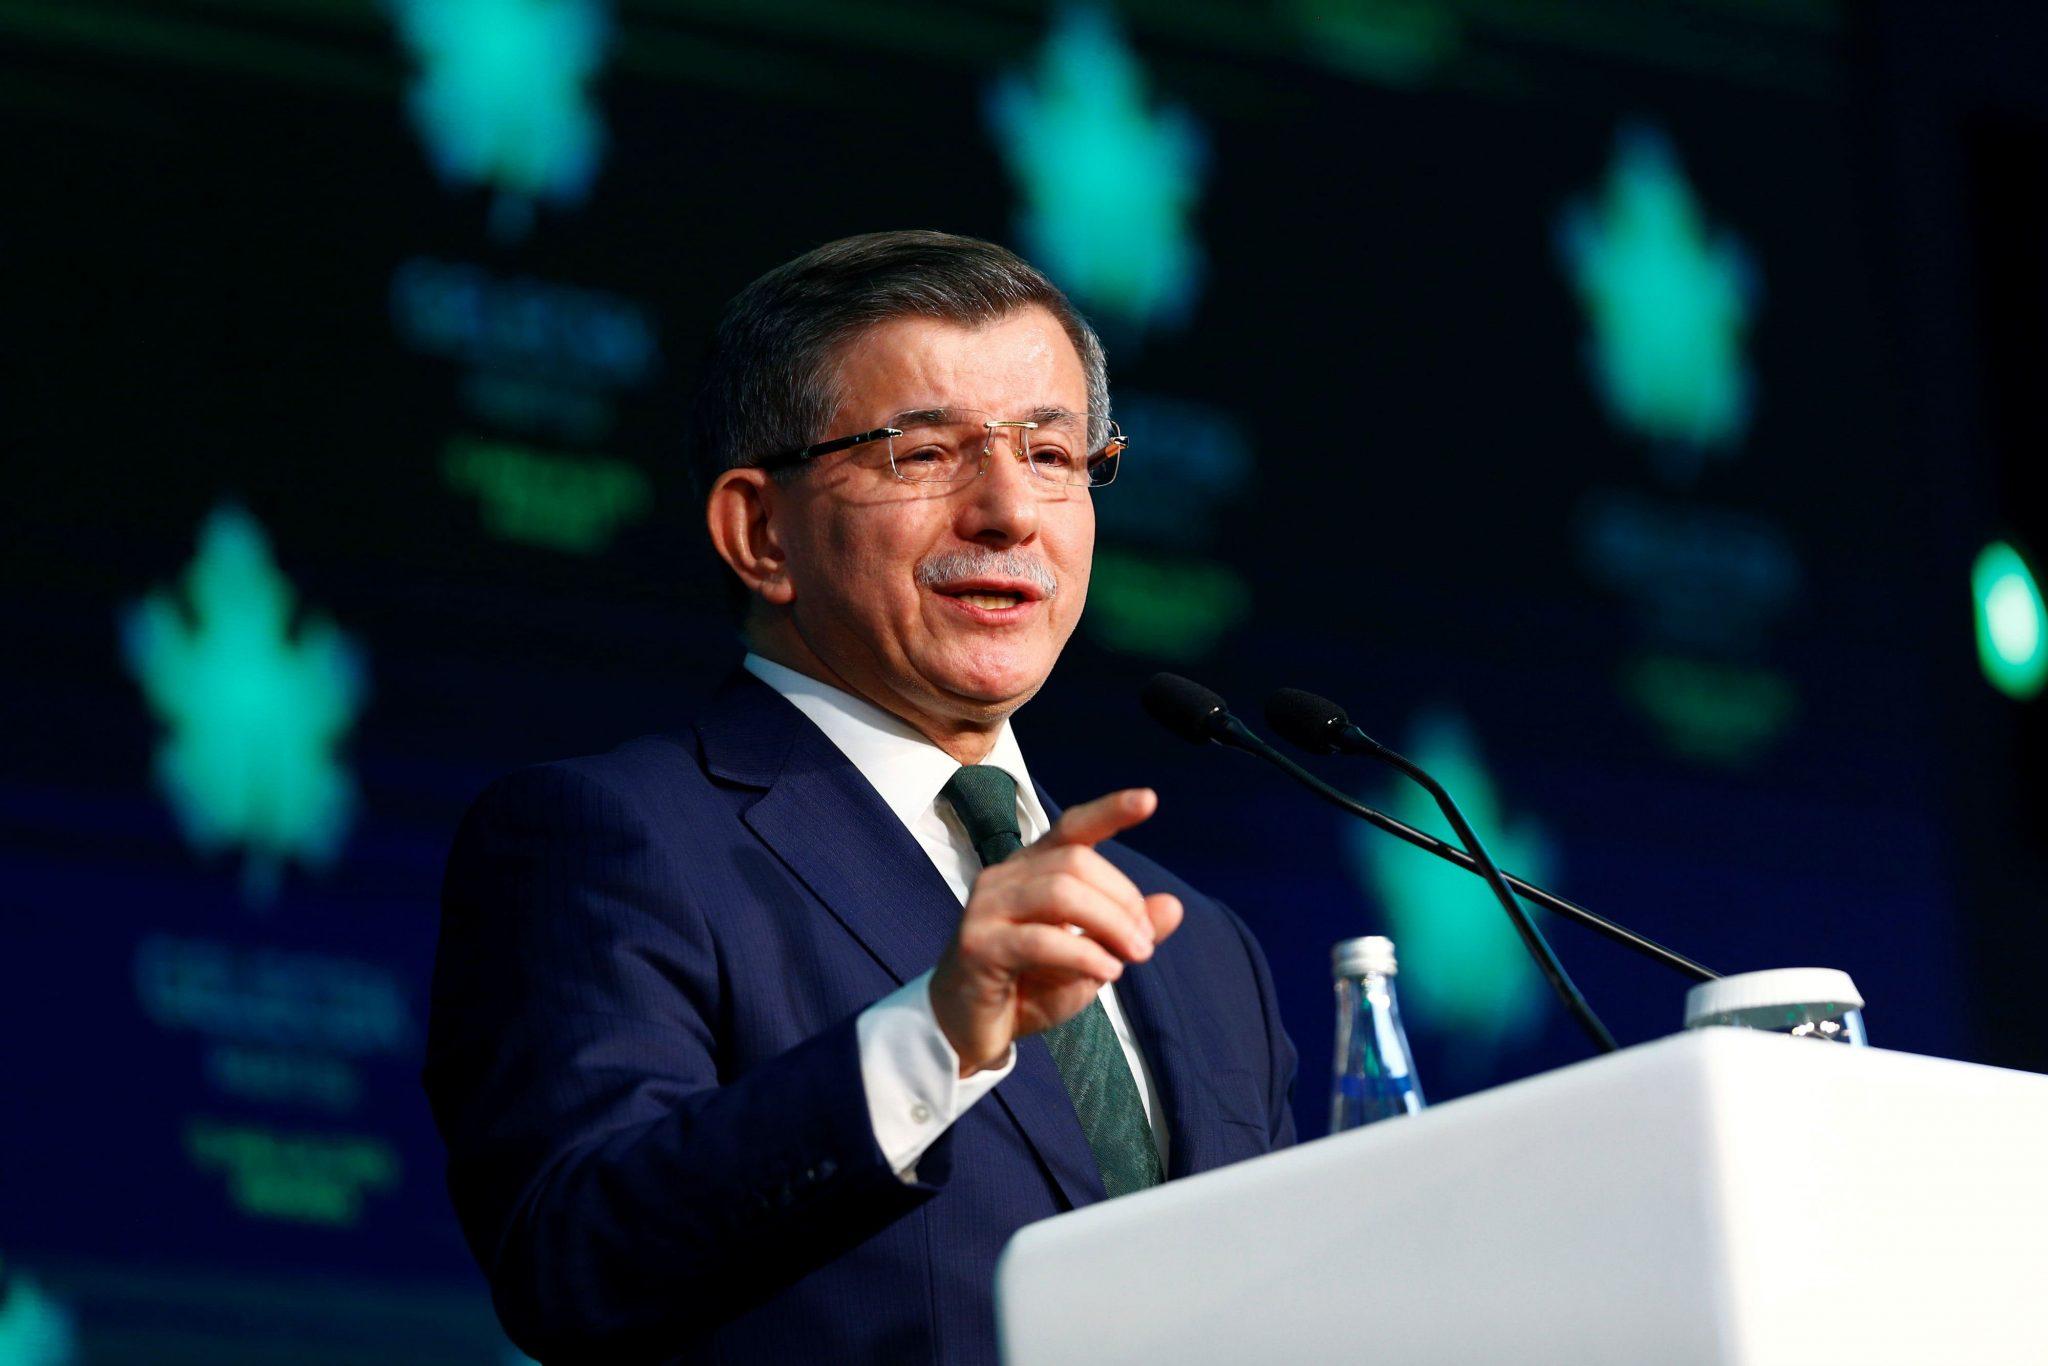 صورة انقلاب كبير على رئيس وزراء تركيا السابق